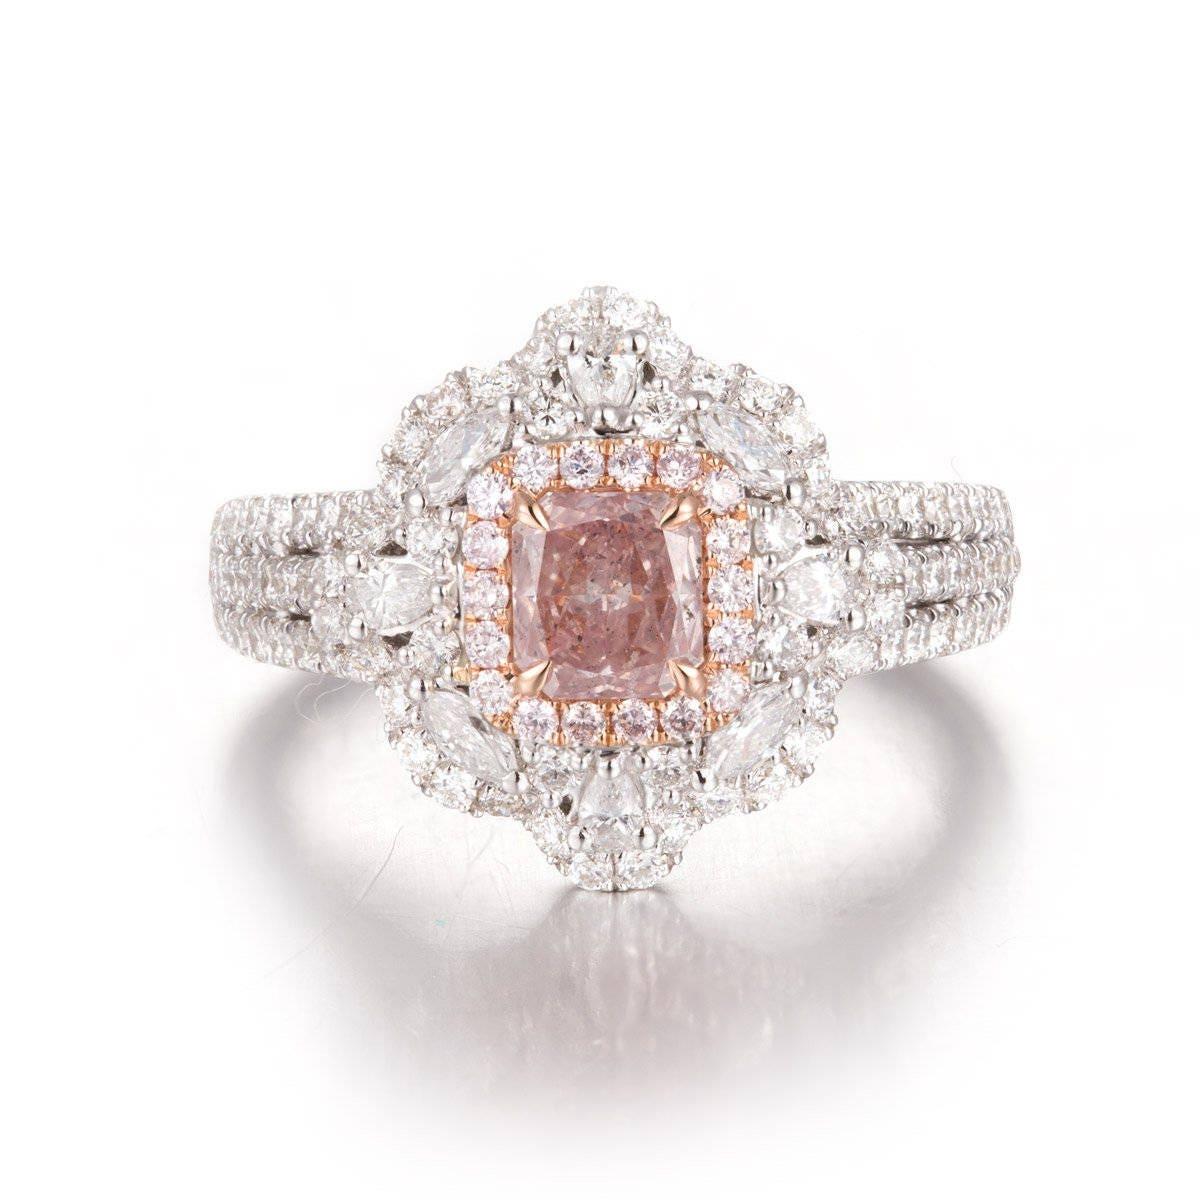 1.61 carat Pink Diamond Ring, Diamond Engagement Ring, 18K white and ...